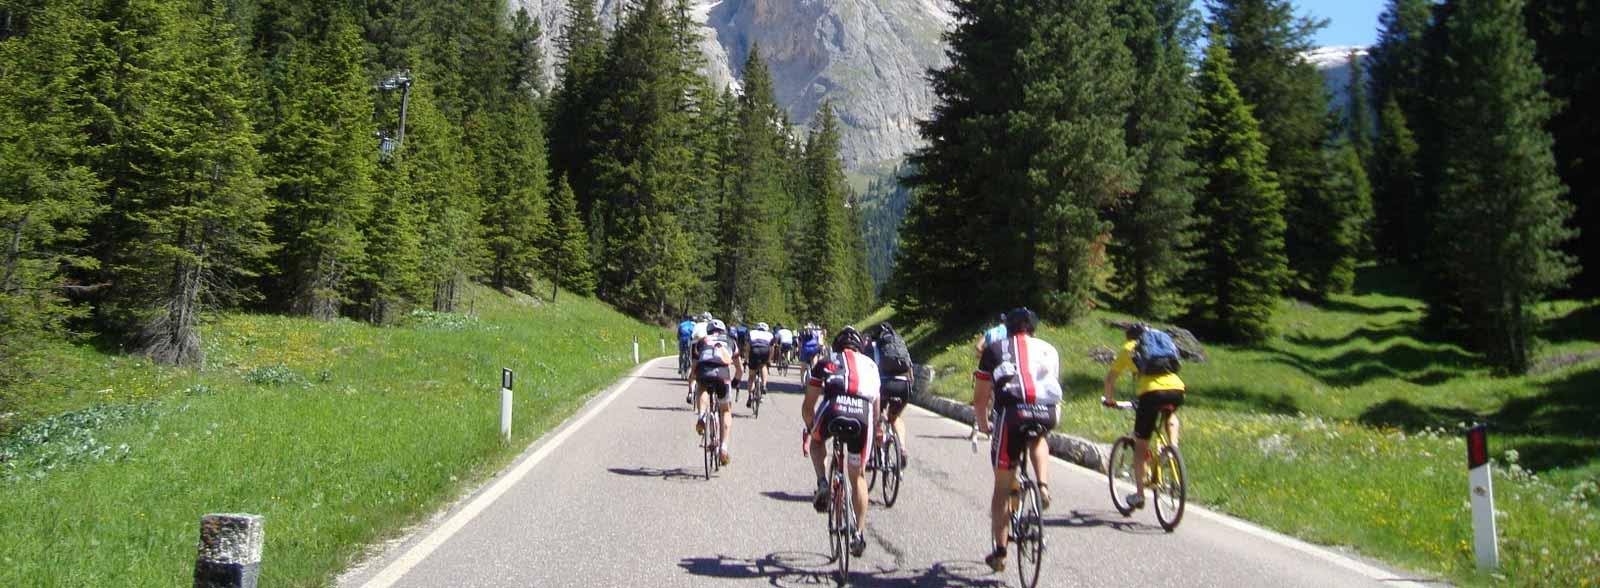 Bicicletta e non solo Marathona dles Dolomites